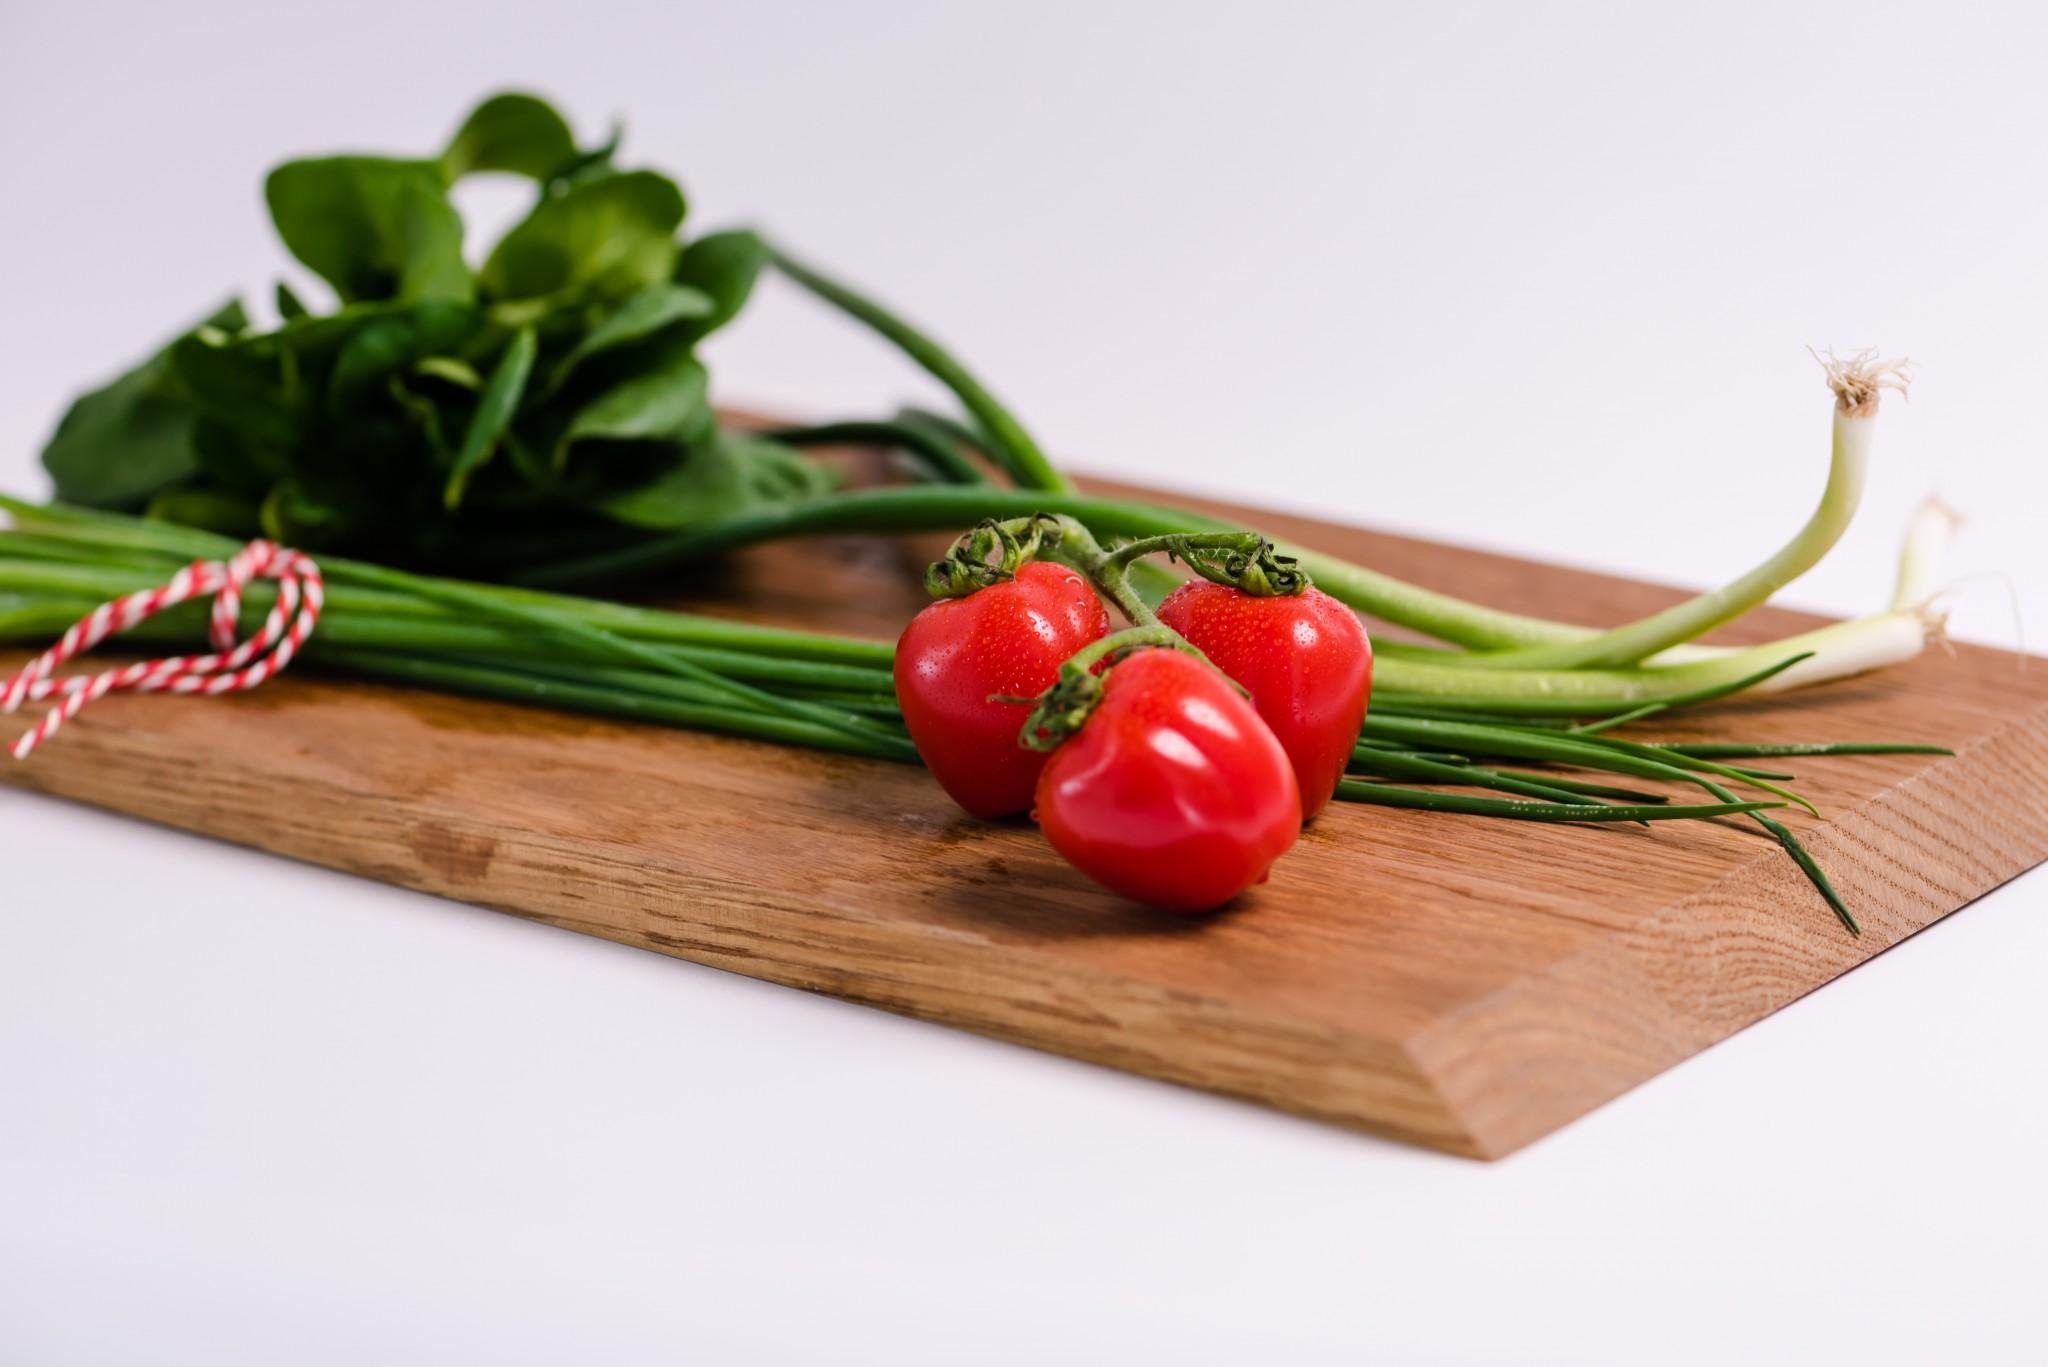 Wann wächst eigentlich Spinat?